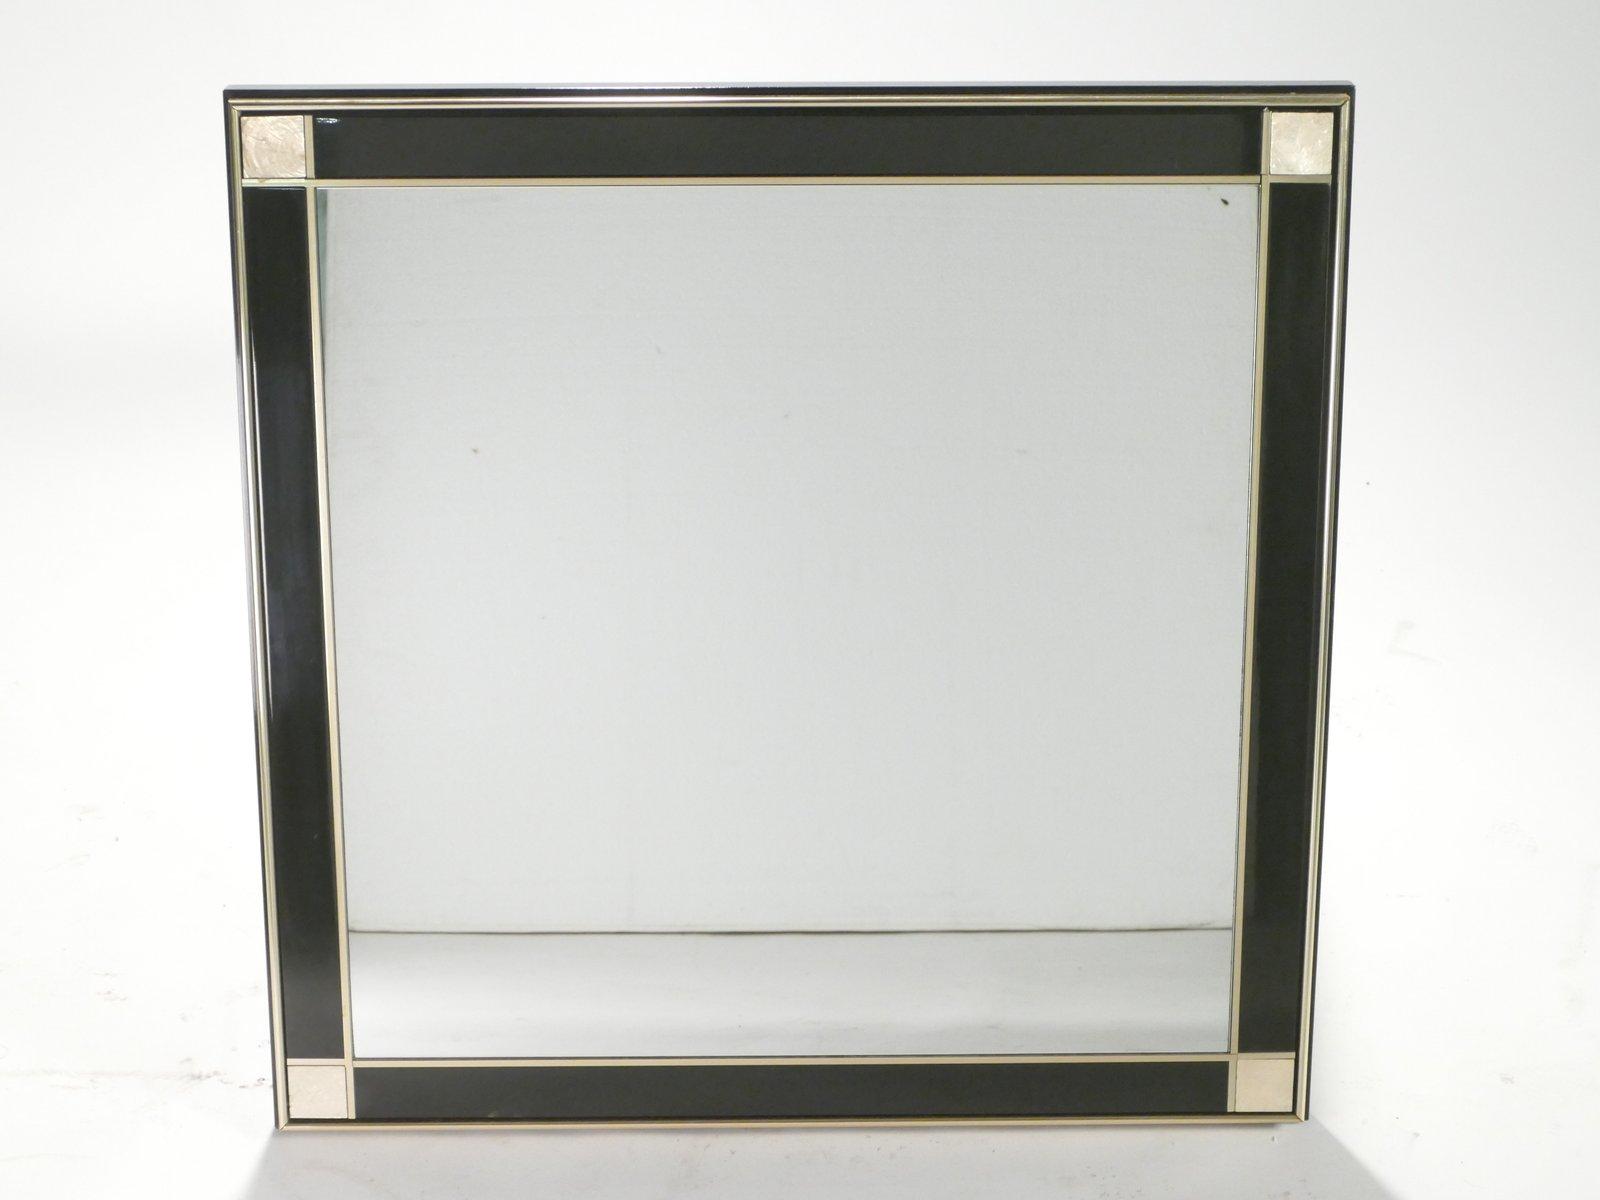 spiegel mit rahmen aus lackiertem messing 1975 bei pamono kaufen. Black Bedroom Furniture Sets. Home Design Ideas